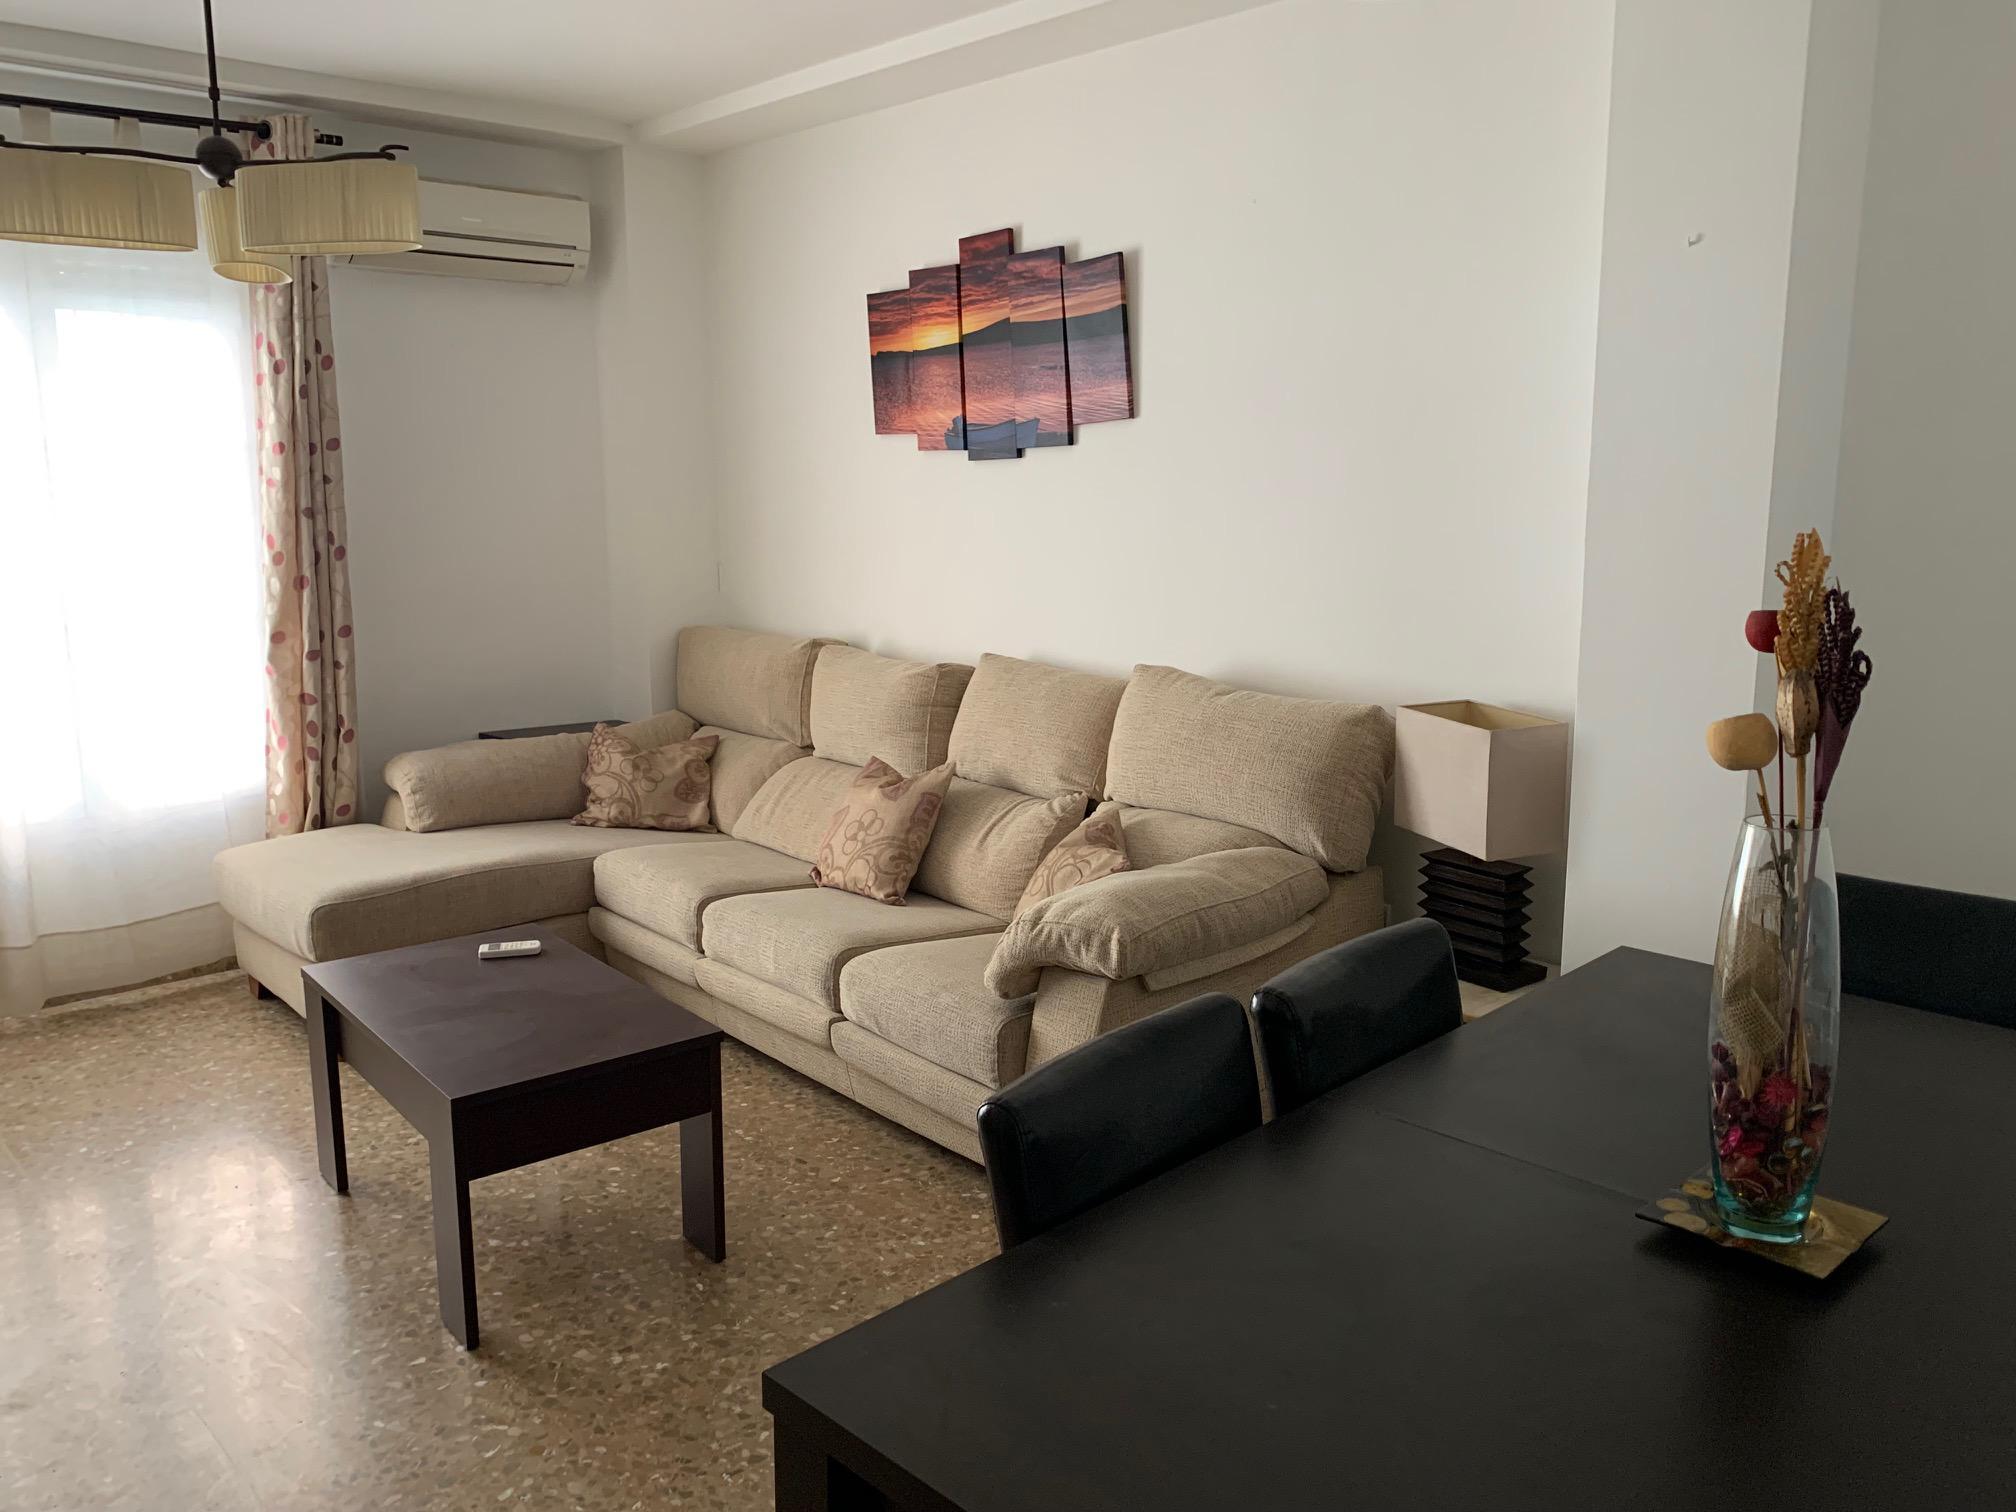 Imagen 4 Casa Adosada en alquiler en Granada / Frente a Farmacia Santa María 24H